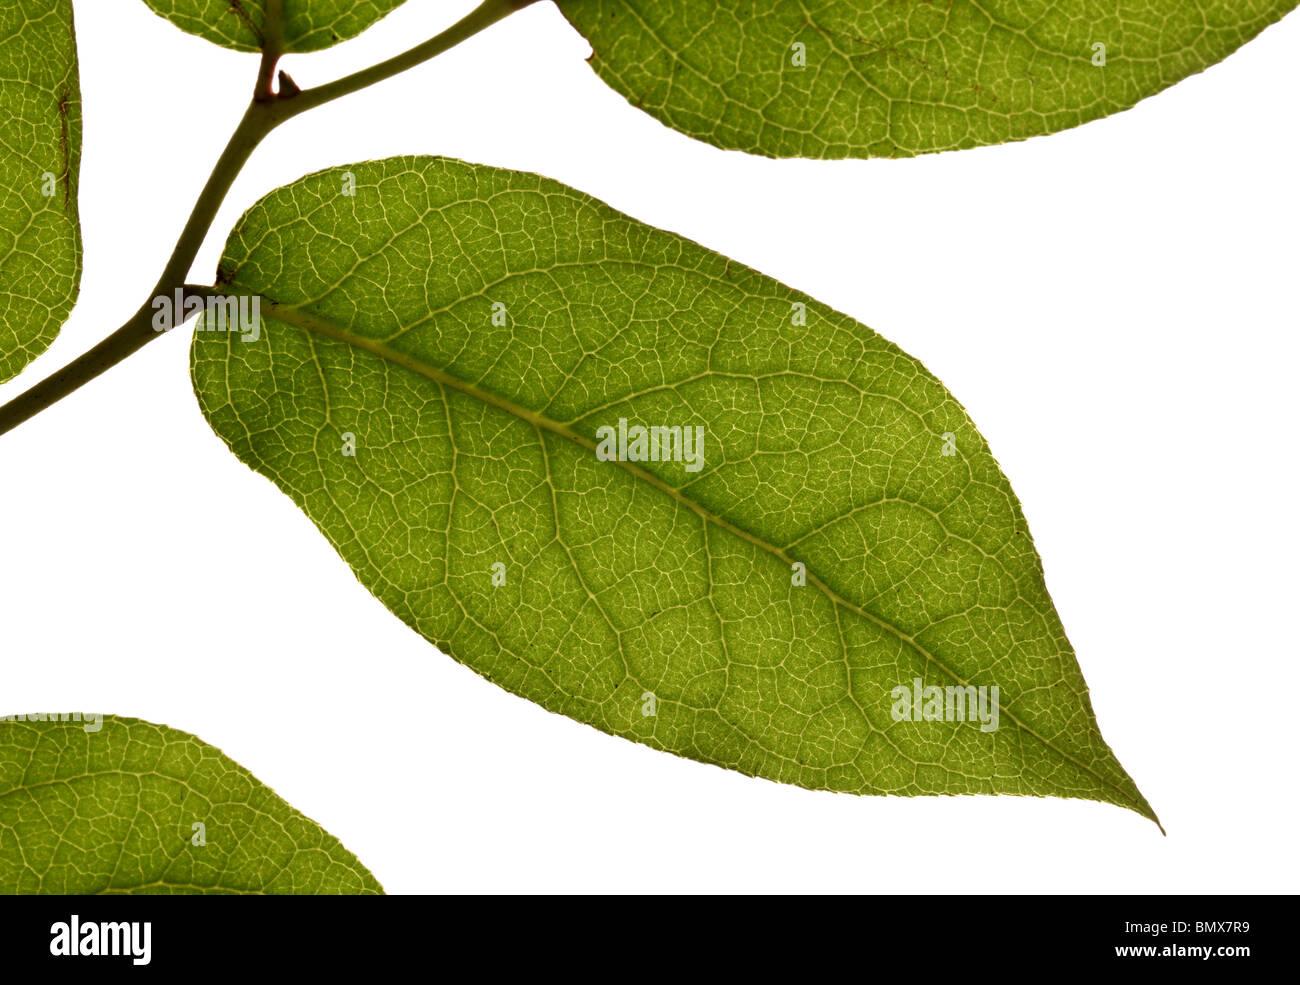 Las hojas de las plantas verdes en una sucursal, fondo blanco. Imagen De Stock